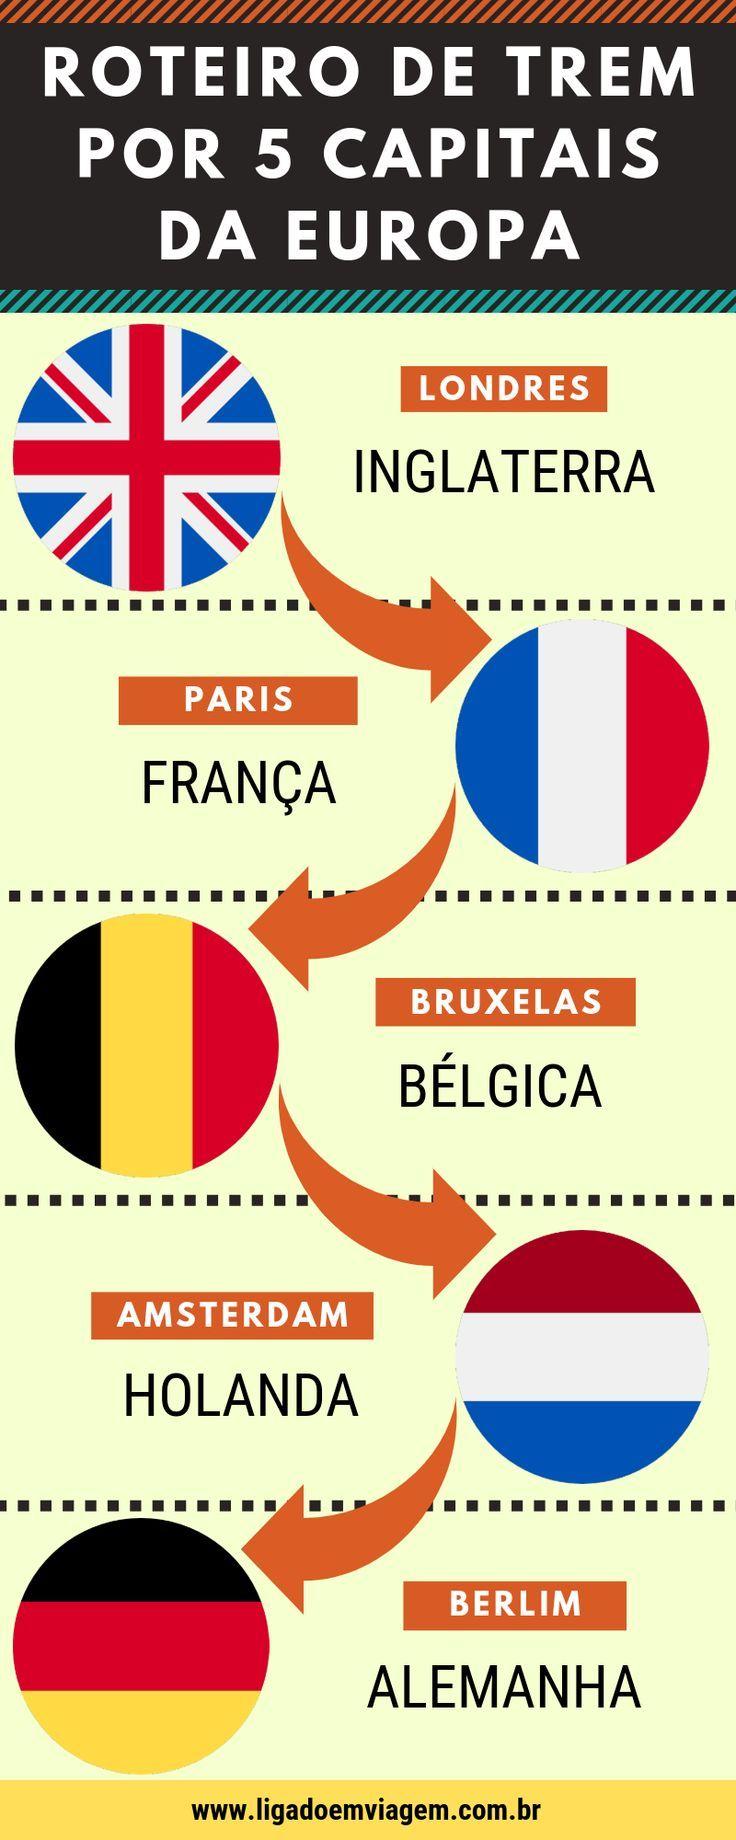 Roteiro De Trem Na Europa Londres Paris Bruxelas Amsterdam E